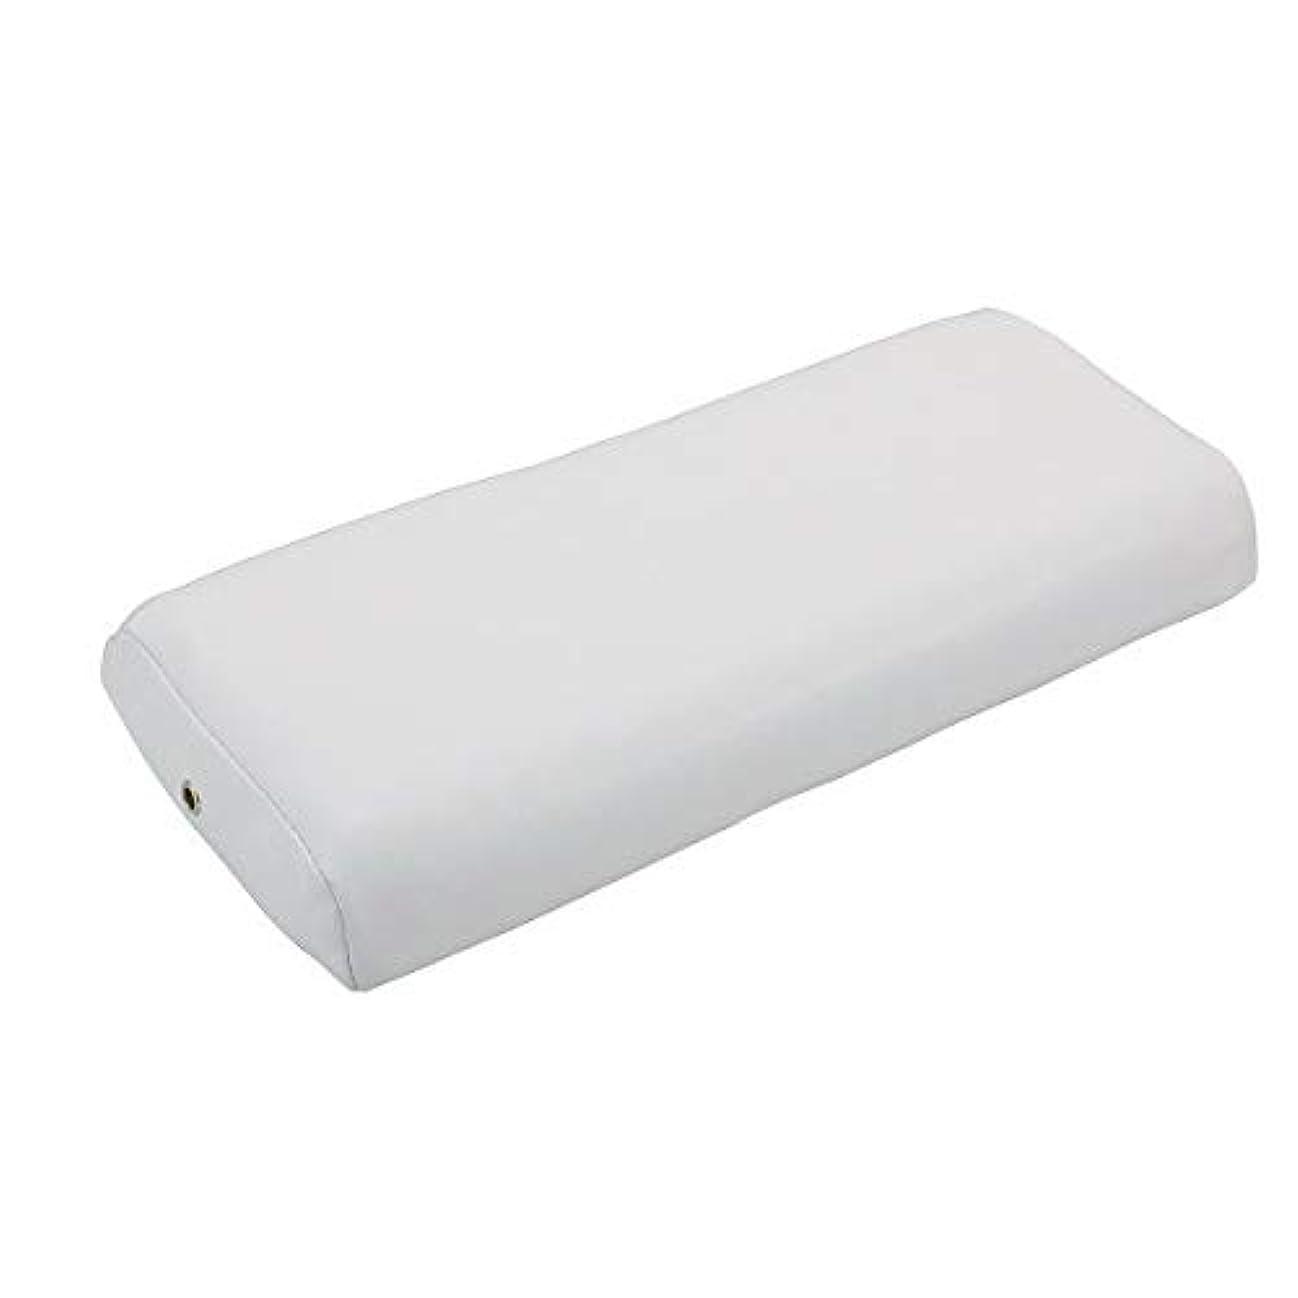 社会学明らかにするハンカチNEOかどまる枕 FV-921 【 ホワイト 】 フェイスまくら フェイス枕 うつぶせ枕 マッサージ枕